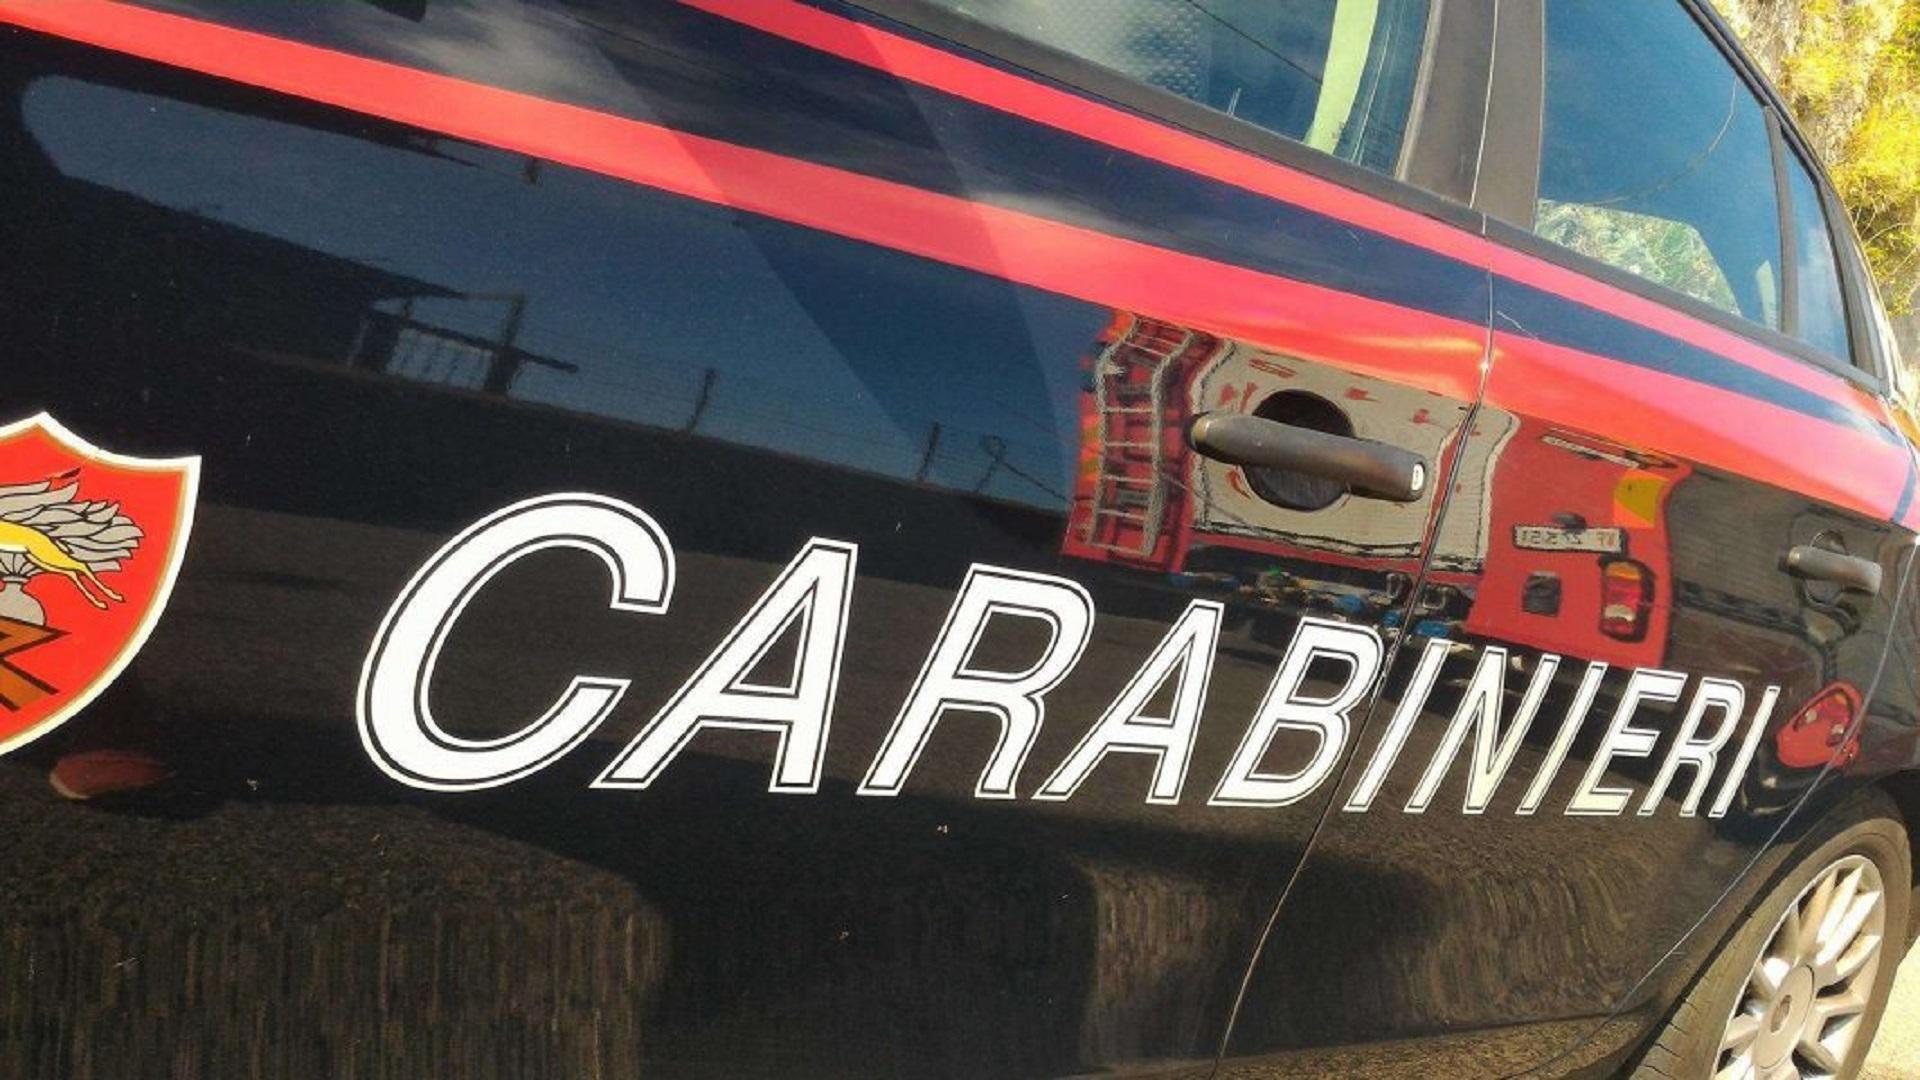 carabinieri-1-e1496060436943